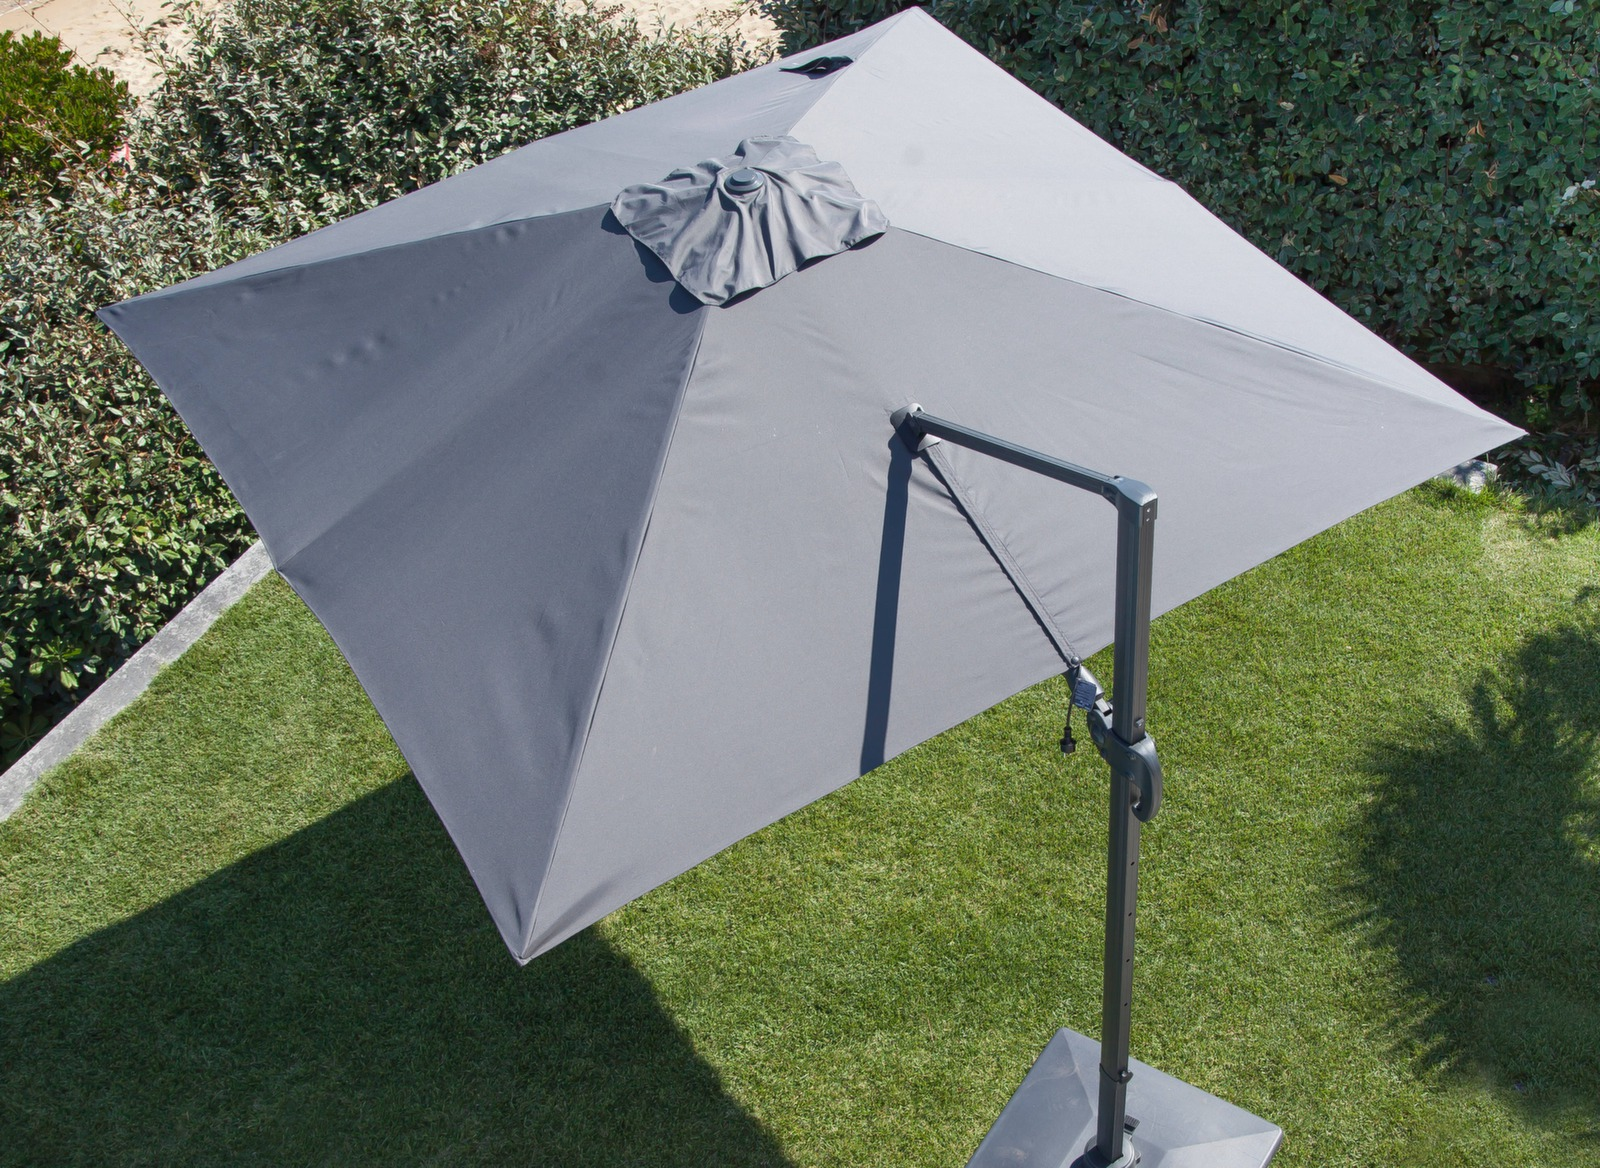 Parasol d port orientable aluminium 3x3m meuble jardin proloisirs - Parasol deporte orientable et inclinable ...